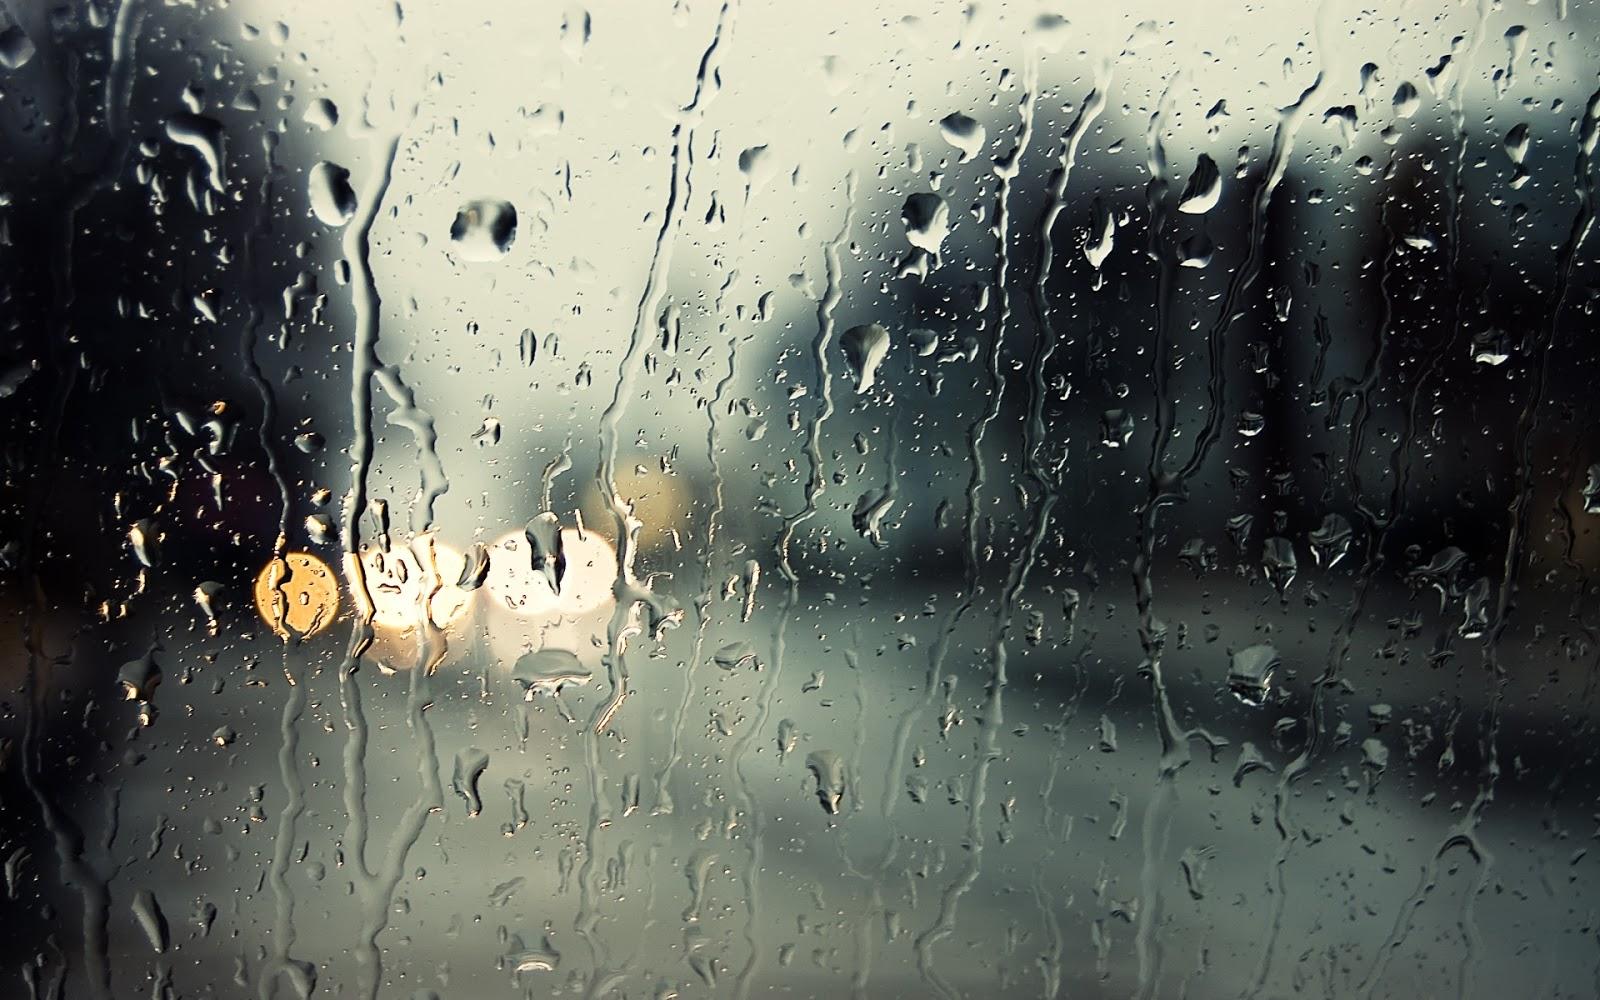 HD Alone in Rain Wallpapers